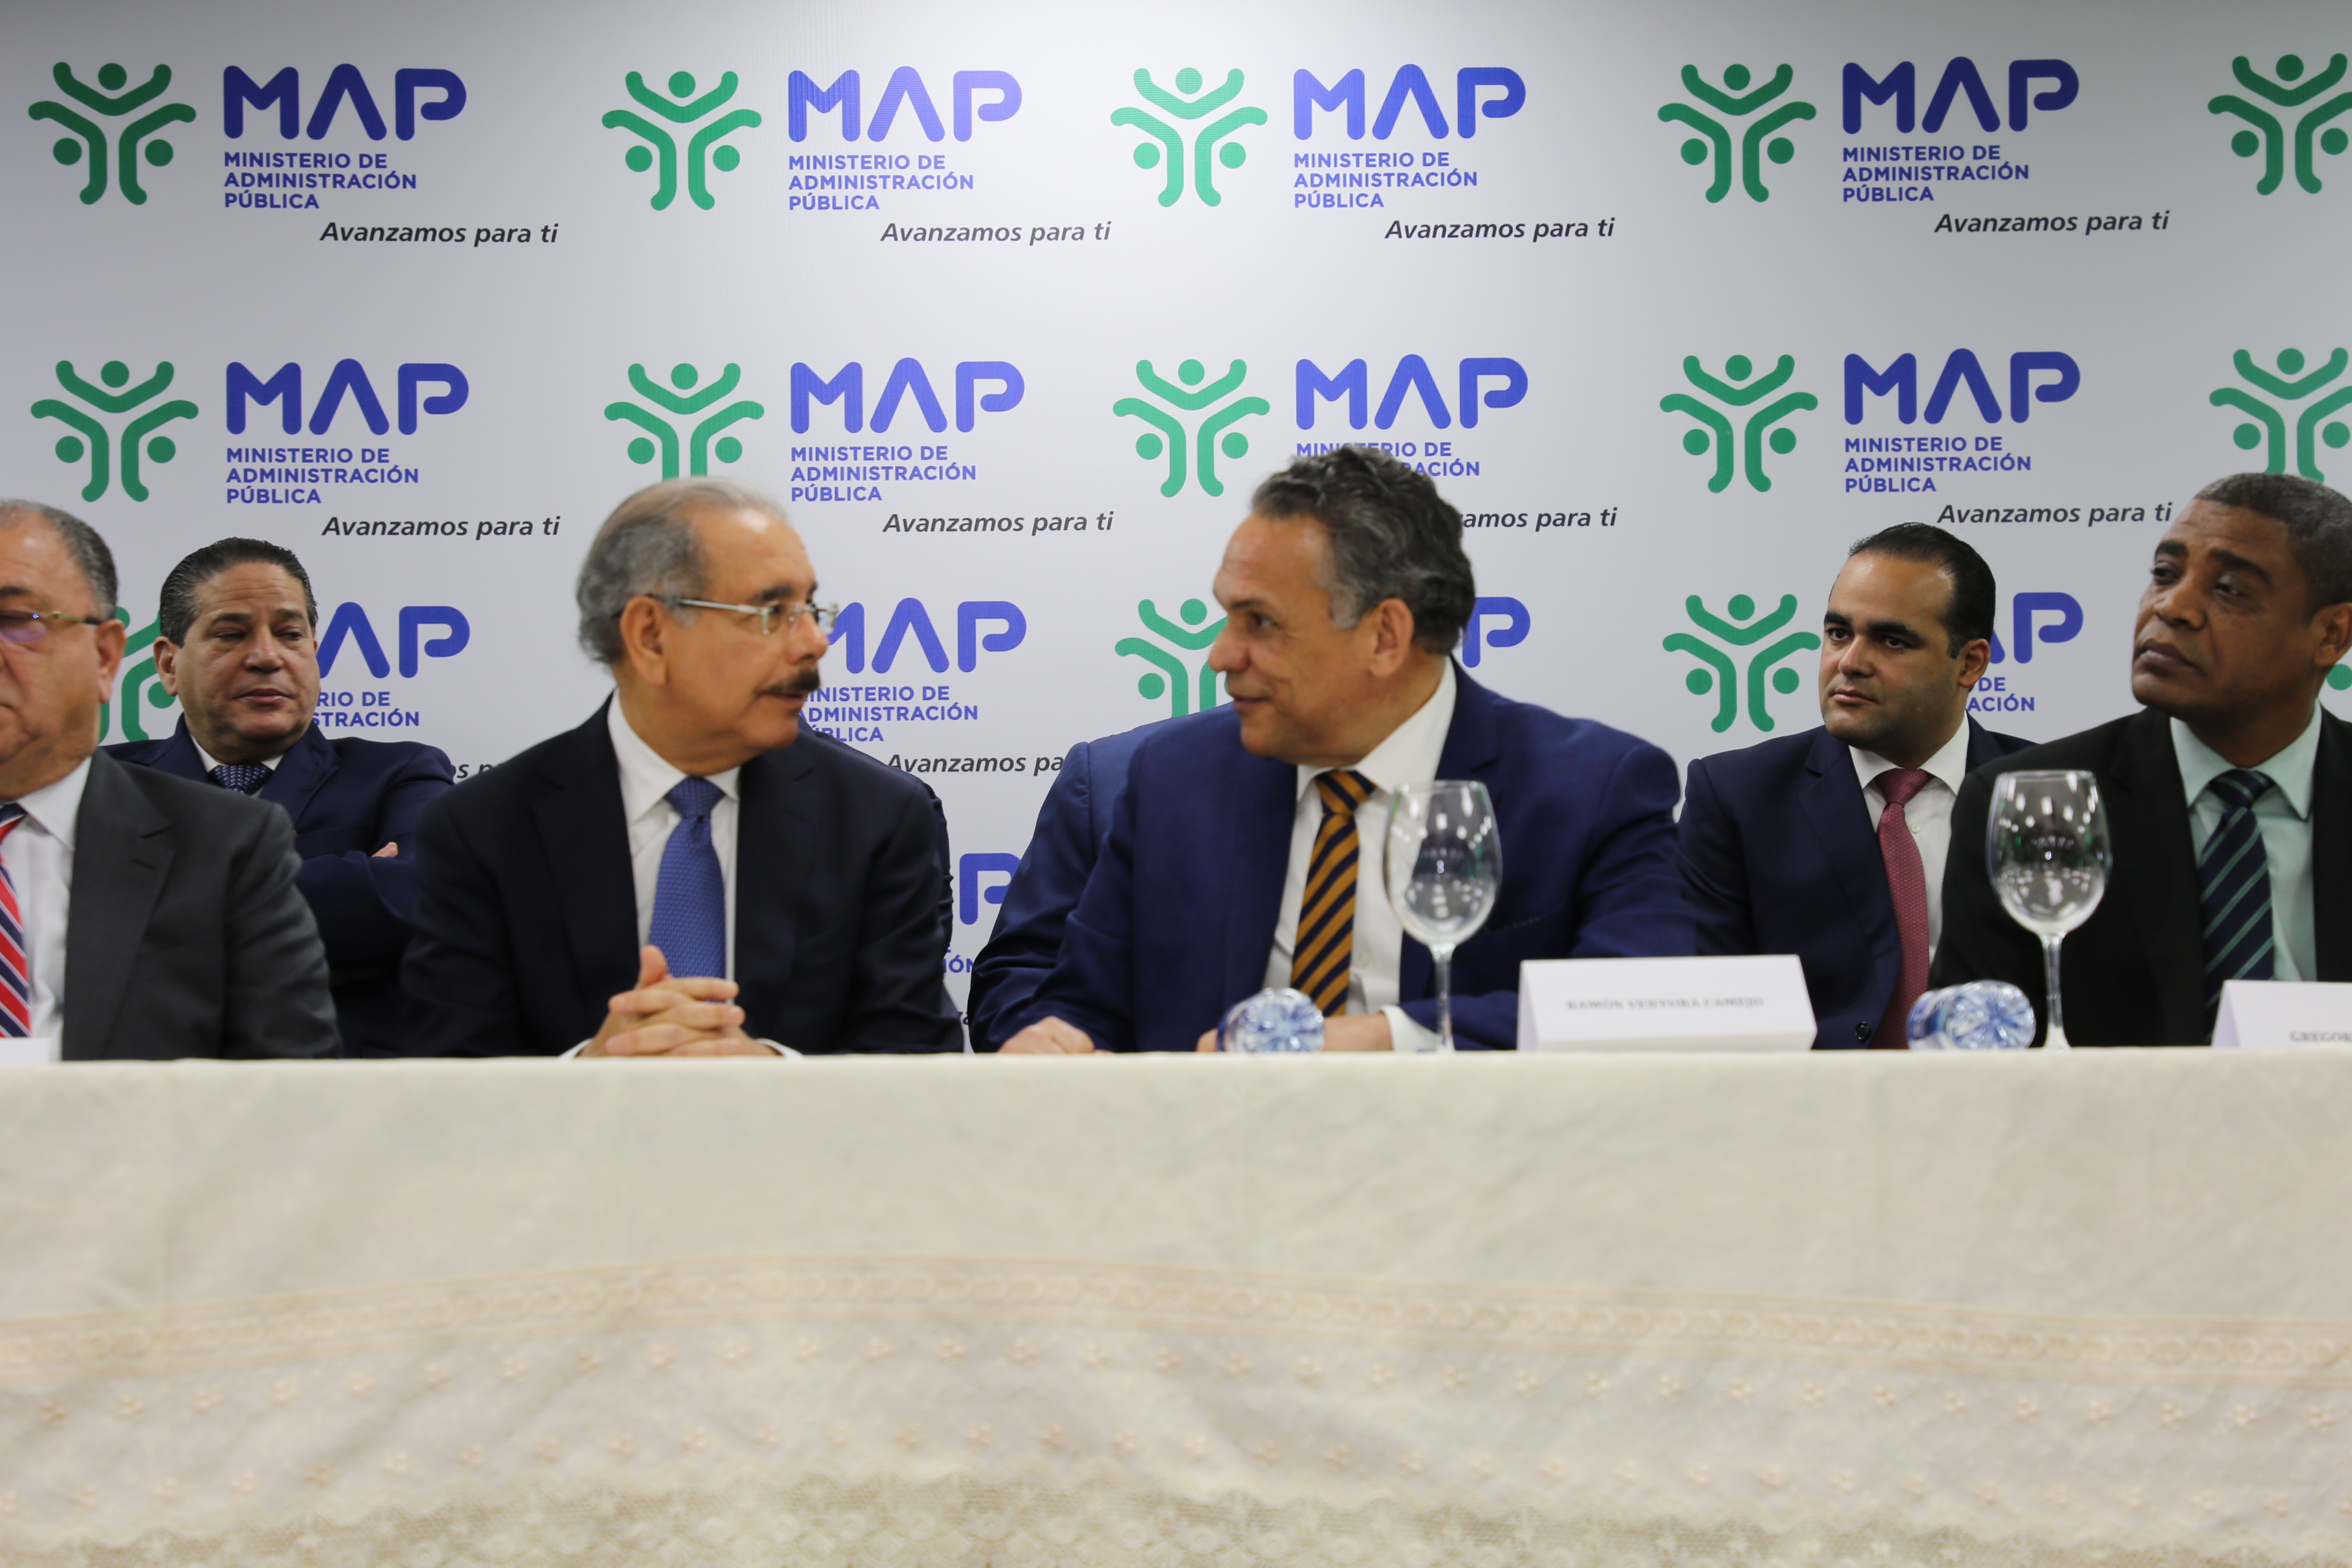 Ayuntamientos, Proponen posicionamiento en SISMAP Municipal debe ser referente para presupuesto de Ayuntamientos